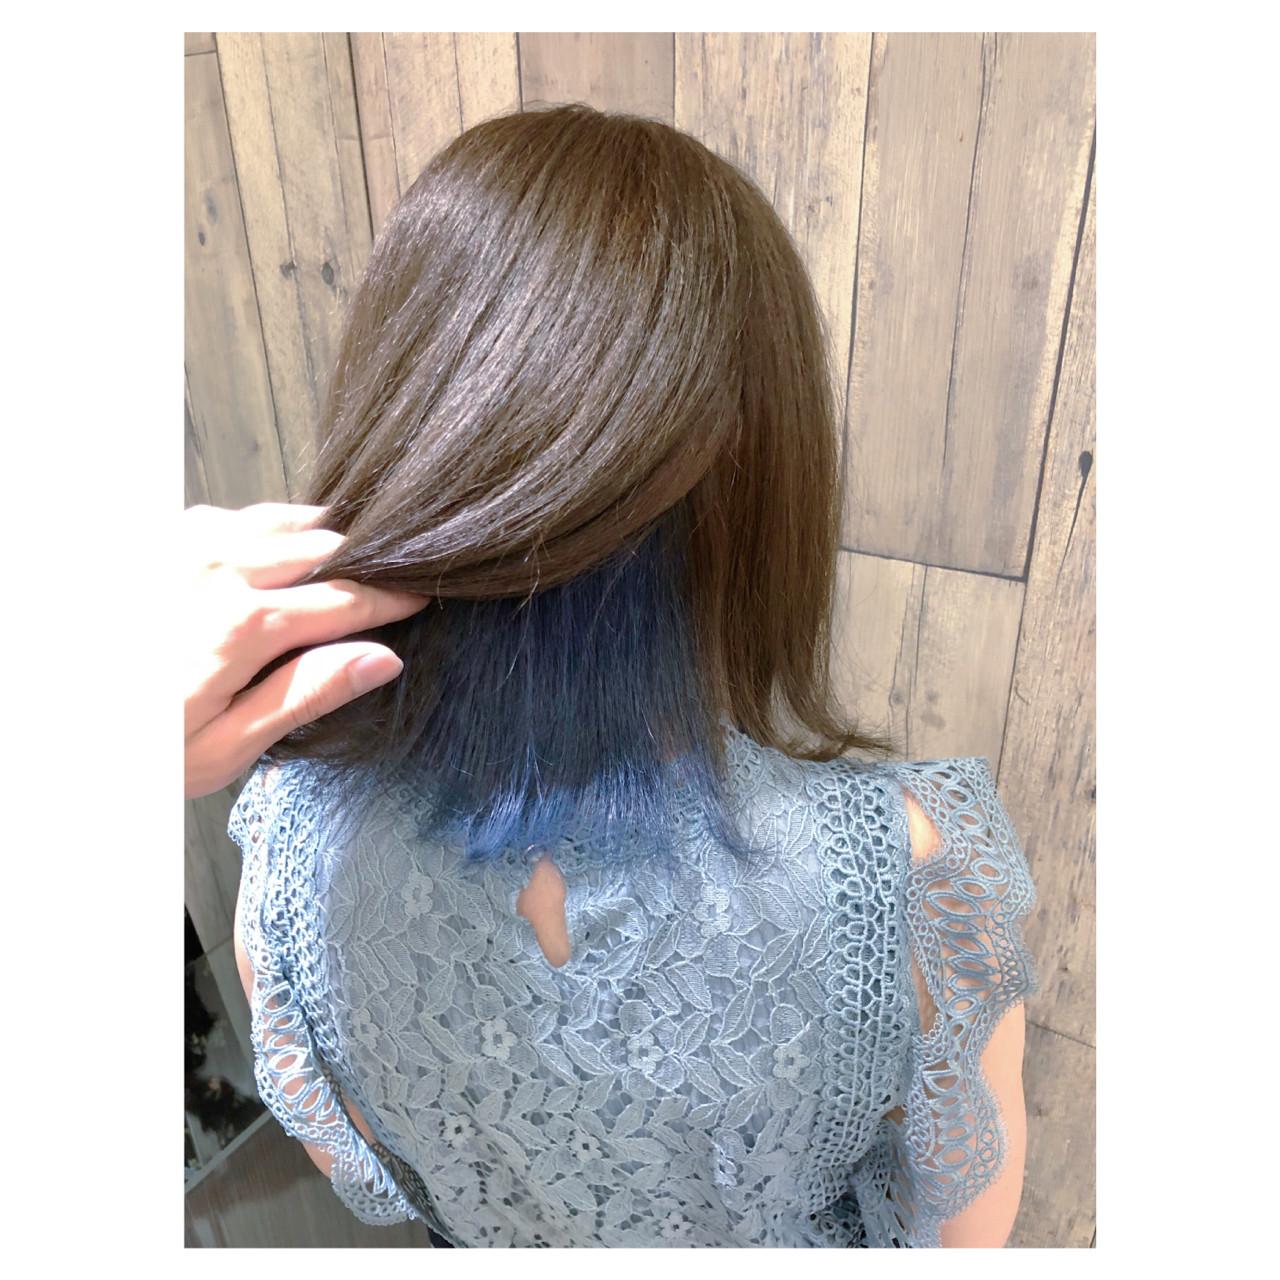 ボブ ブルージュ フェミニン インナーブルー ヘアスタイルや髪型の写真・画像 | クラ / TOMCAT